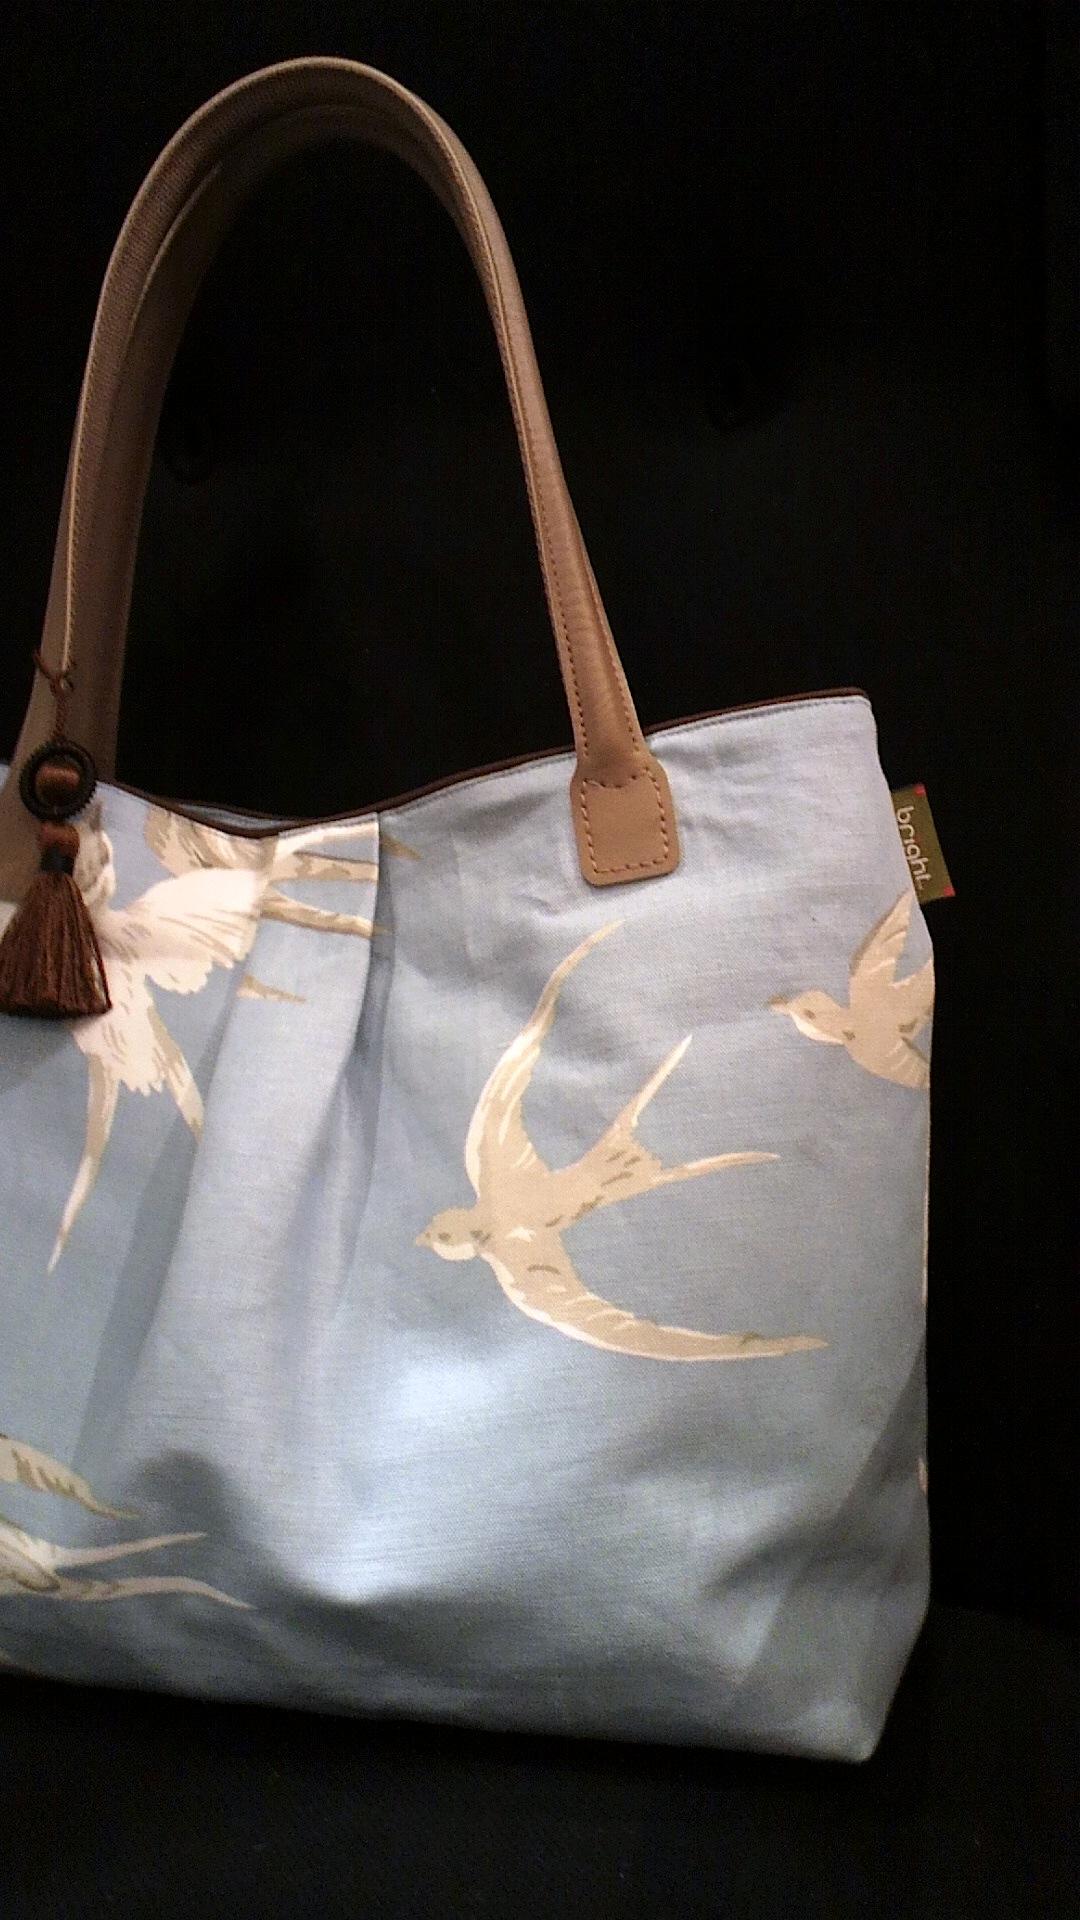 つばめ柄の布バッグ『サンダーソン』_c0157866_13172024.jpg